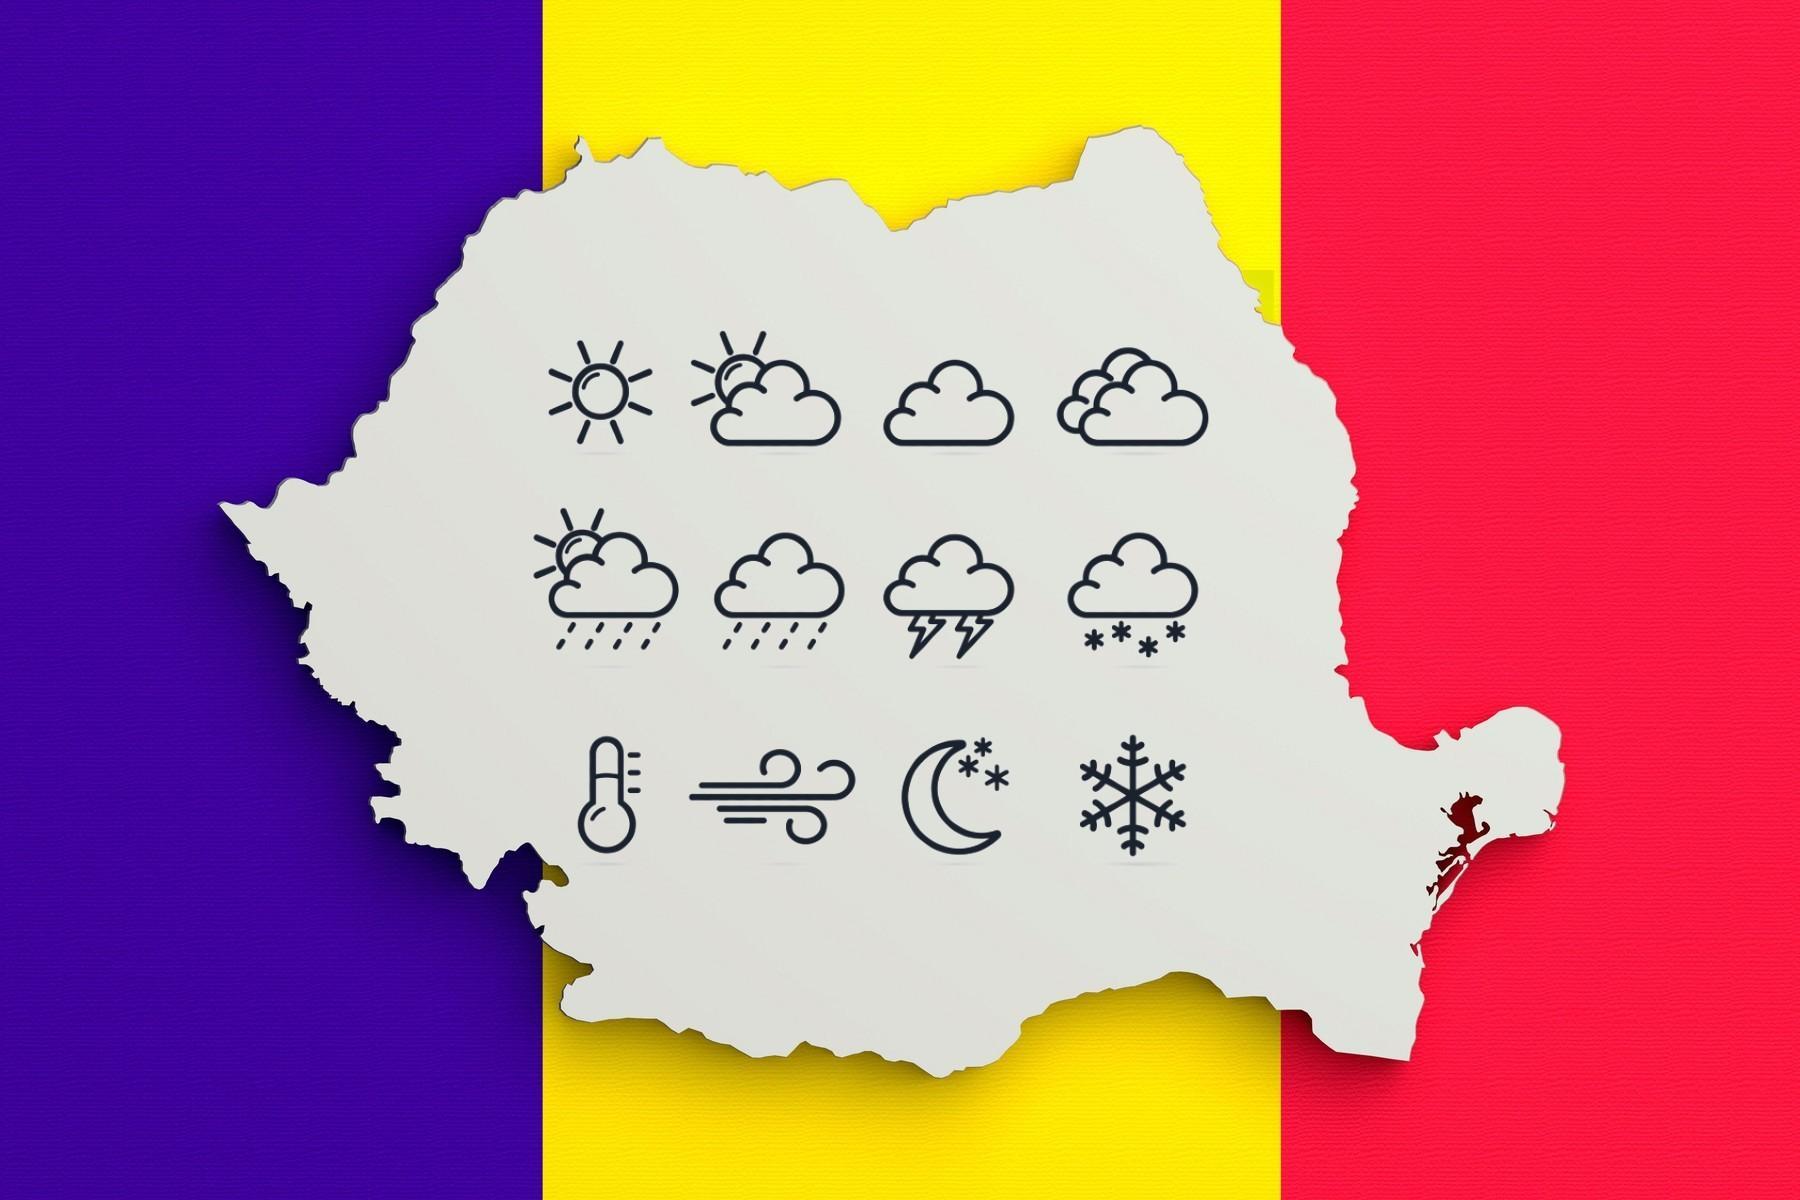 Prognoză meteo 29 octombrie 2020. Cum e vremea în România și care sunt previziunile ANM pentru astăzi